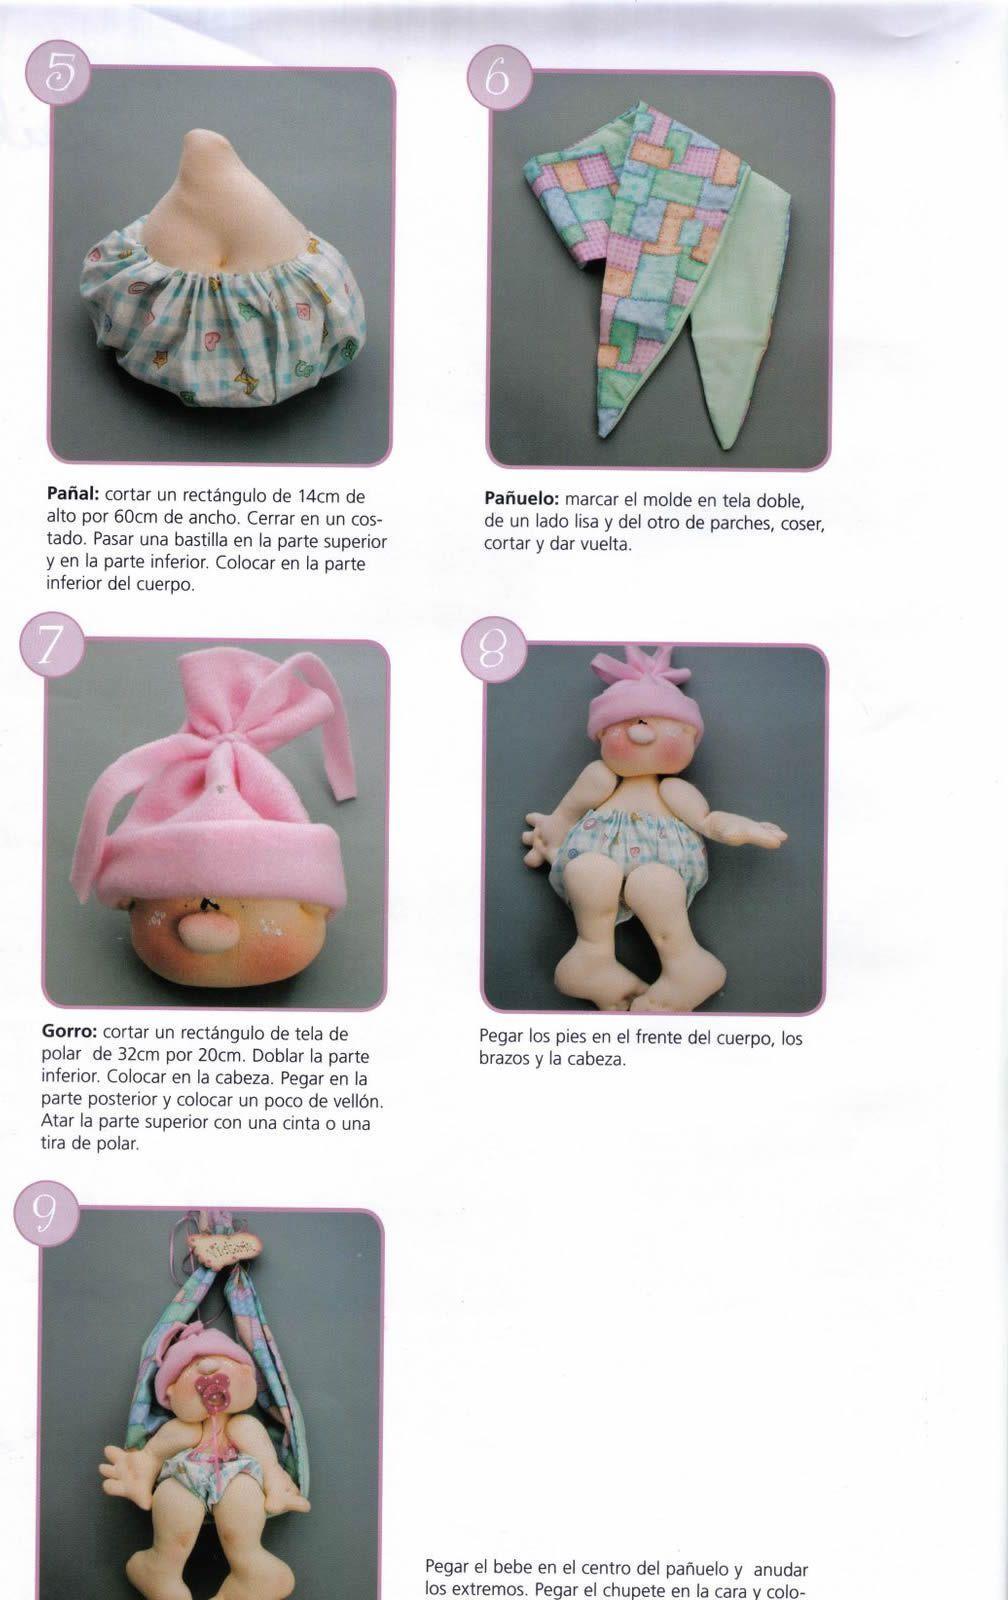 Bebé cigueña soft | MATERNIDAD VIDEO | Pinterest | Bebe, Cigüeñas y ...